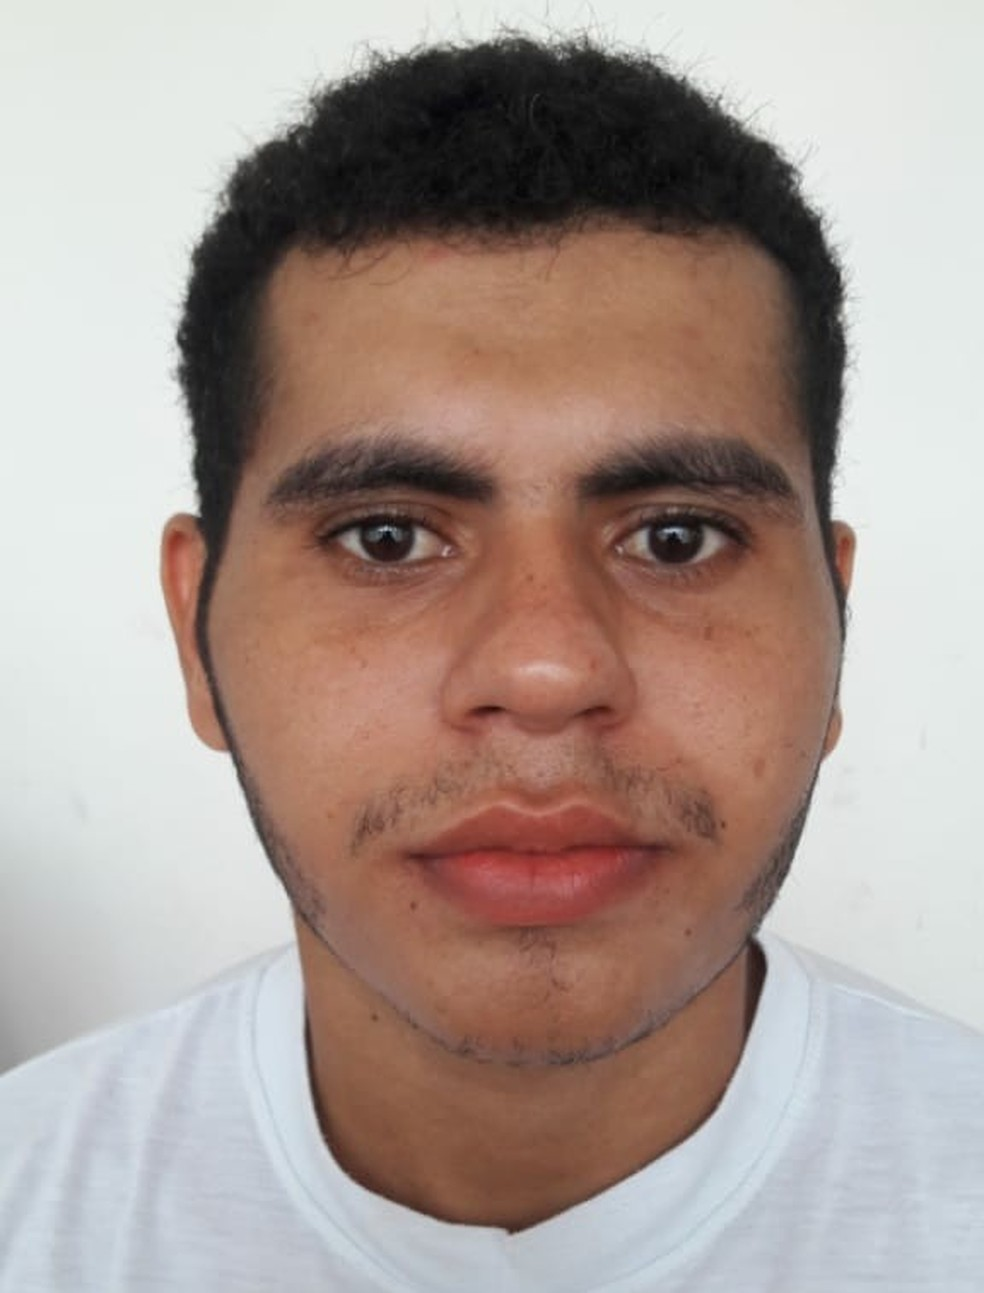 William Pablo da Silva, de 23 anos, foi uma das vítimas dos três assassinatos em Mossoró  (Foto: redes sociais )